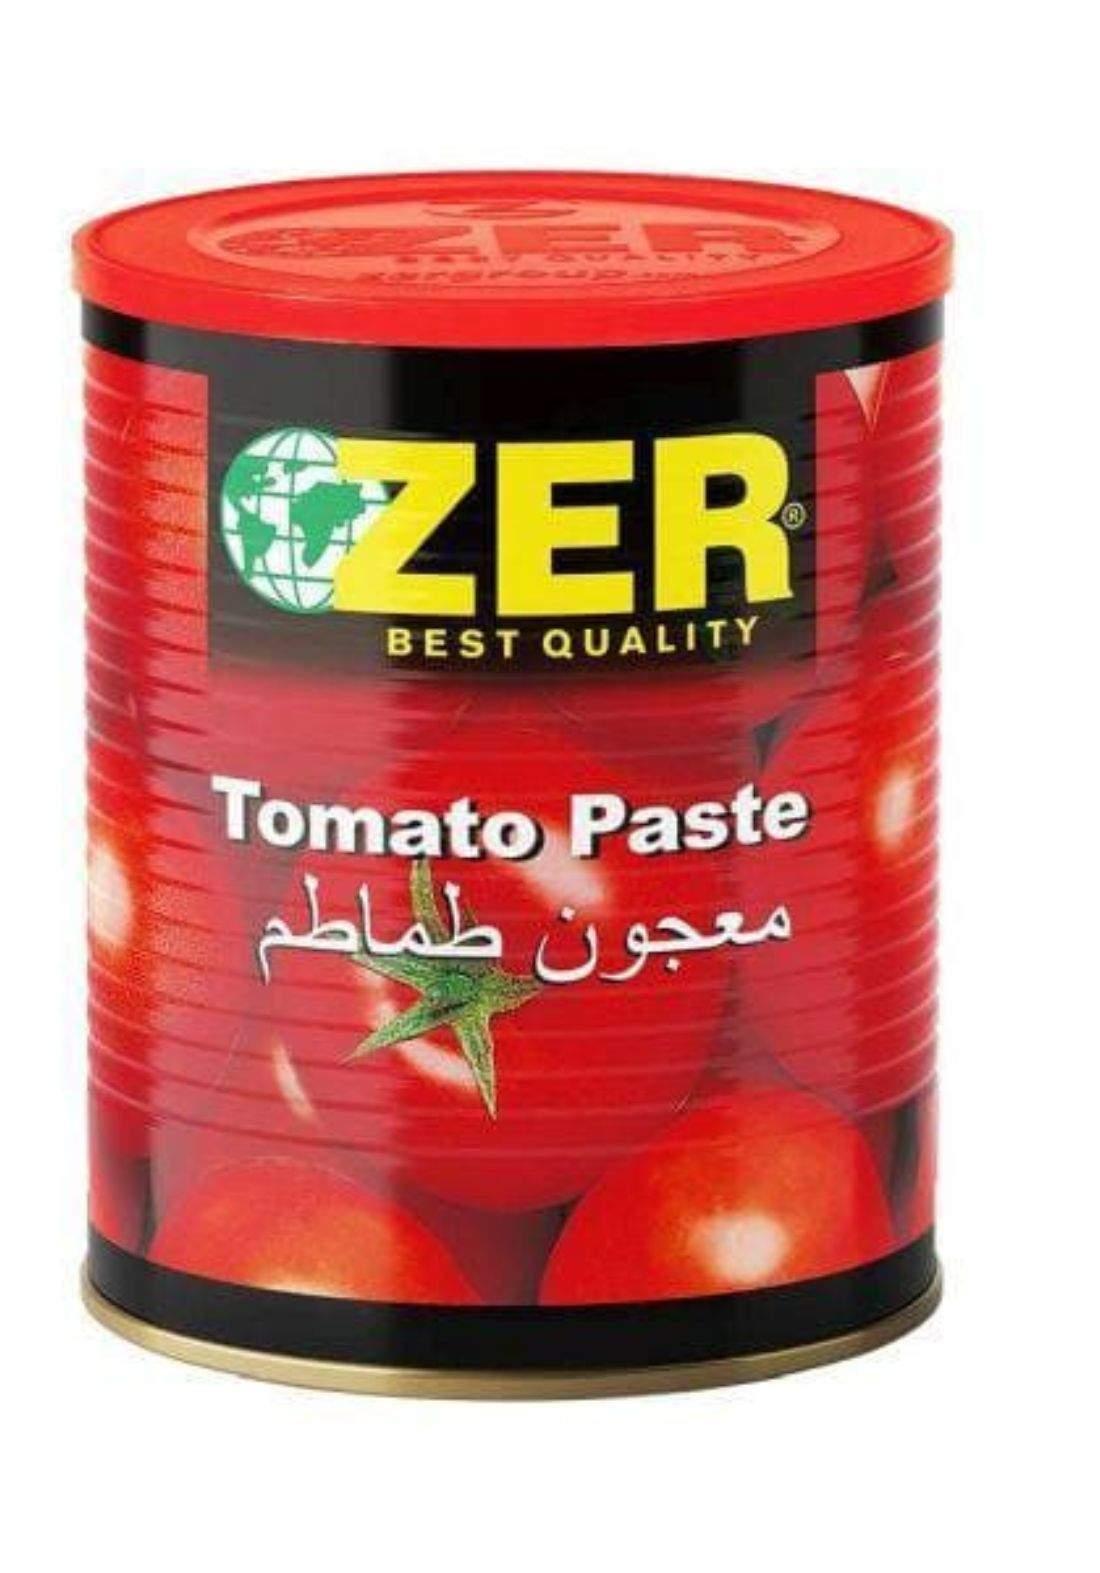 Zer tomato paste 830g زير معجون طماطم